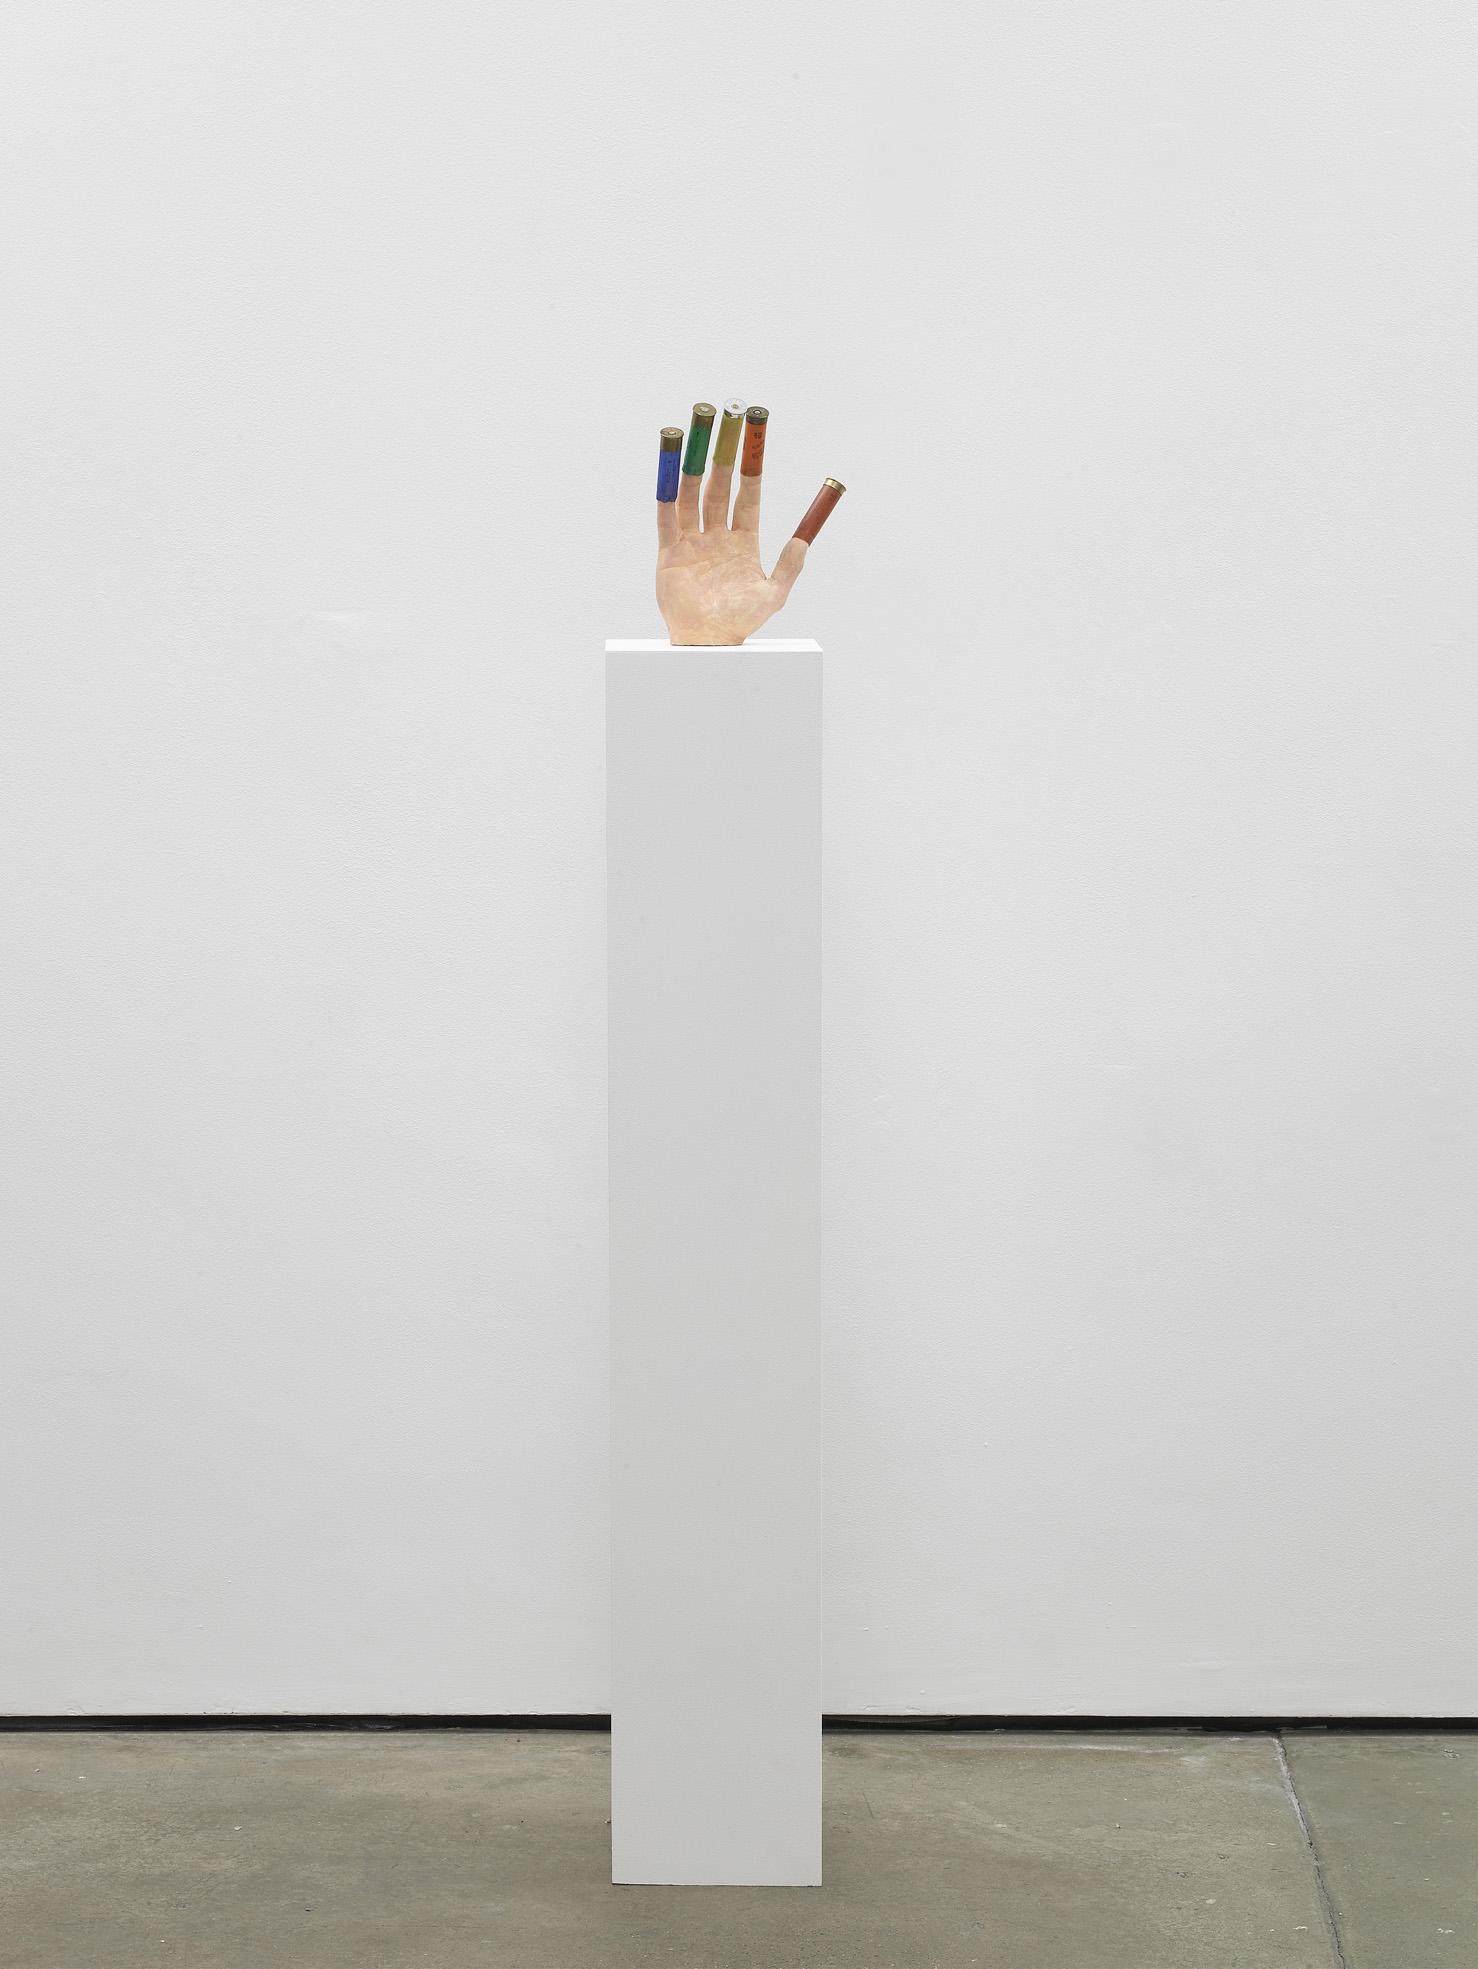 Fortune Teller   2011   Plaster, shotgun shells, paint   Sculpture: 23 x 28 x 10 cm / 9 x 11 x 3.9 in,  Plinth:120 x 20 x 37 / 47.2 x 7.8 x 14.5 in